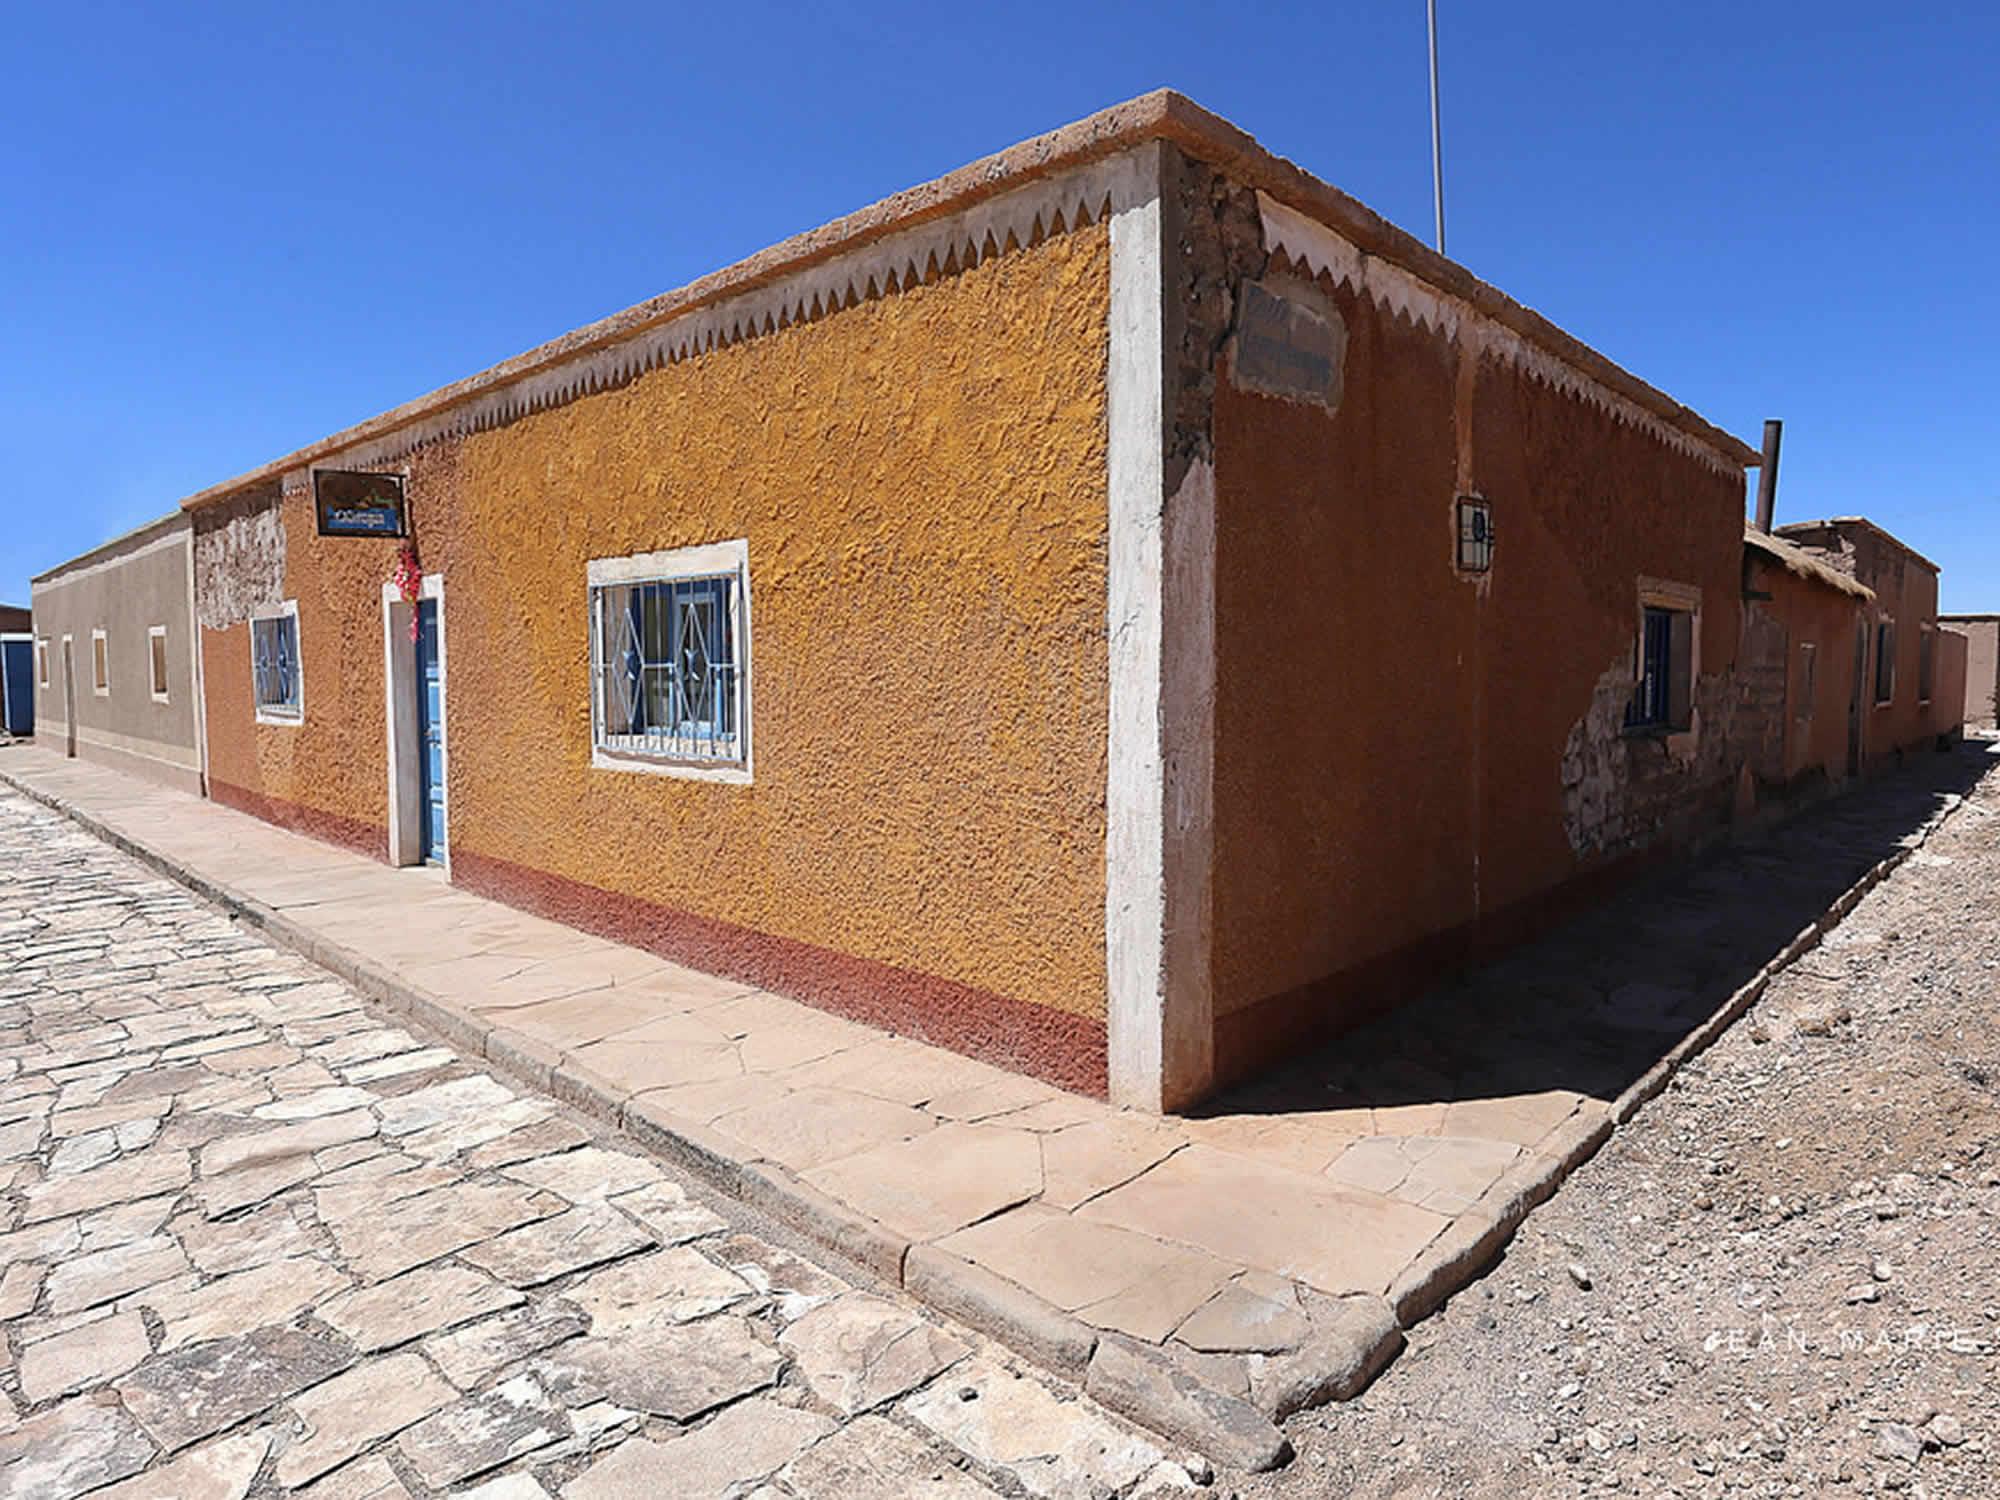 San Cristobal town